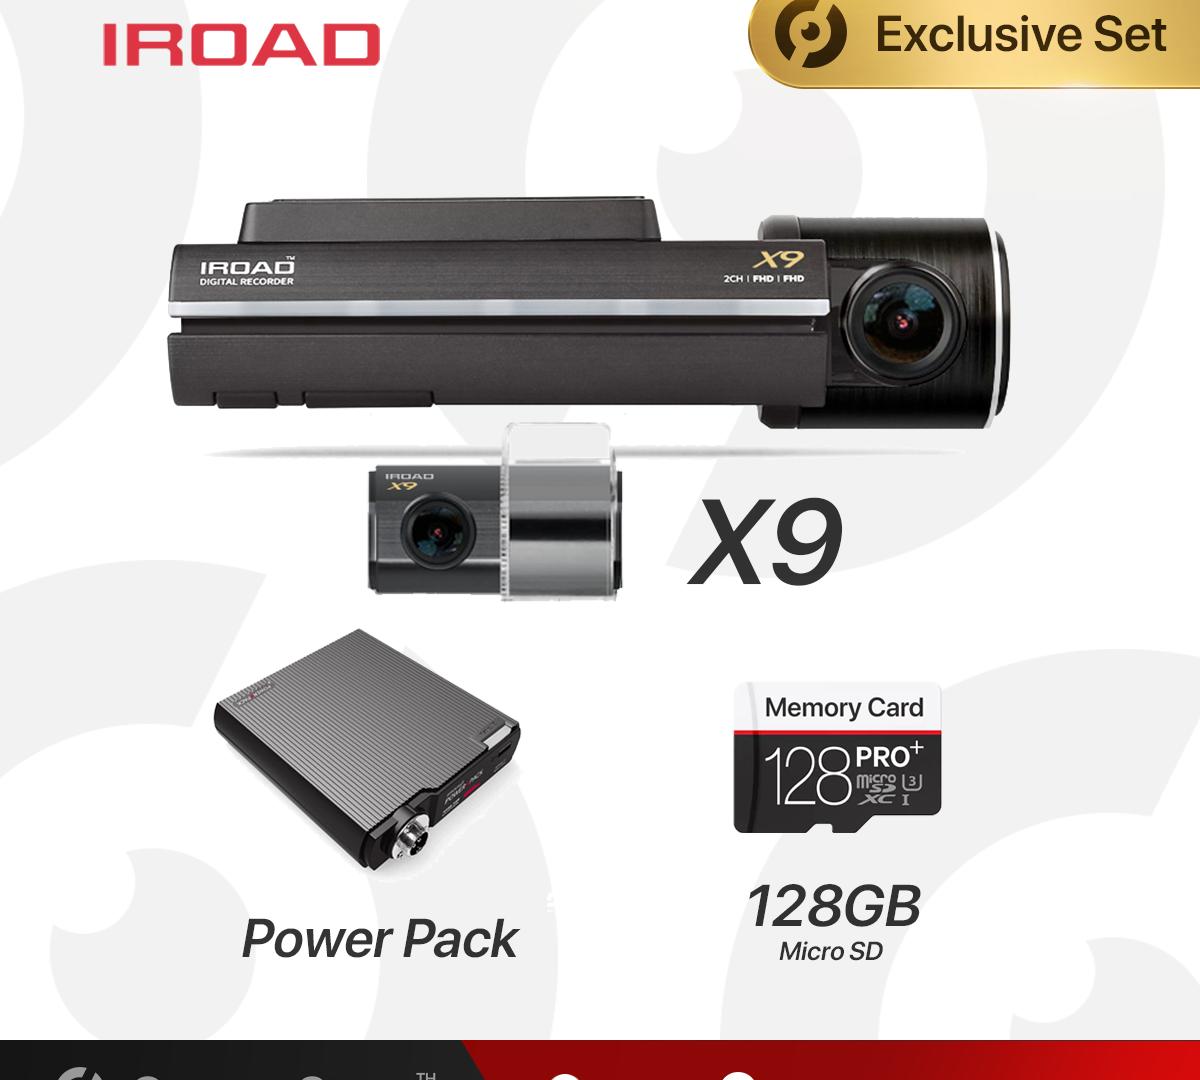 IROAD X9